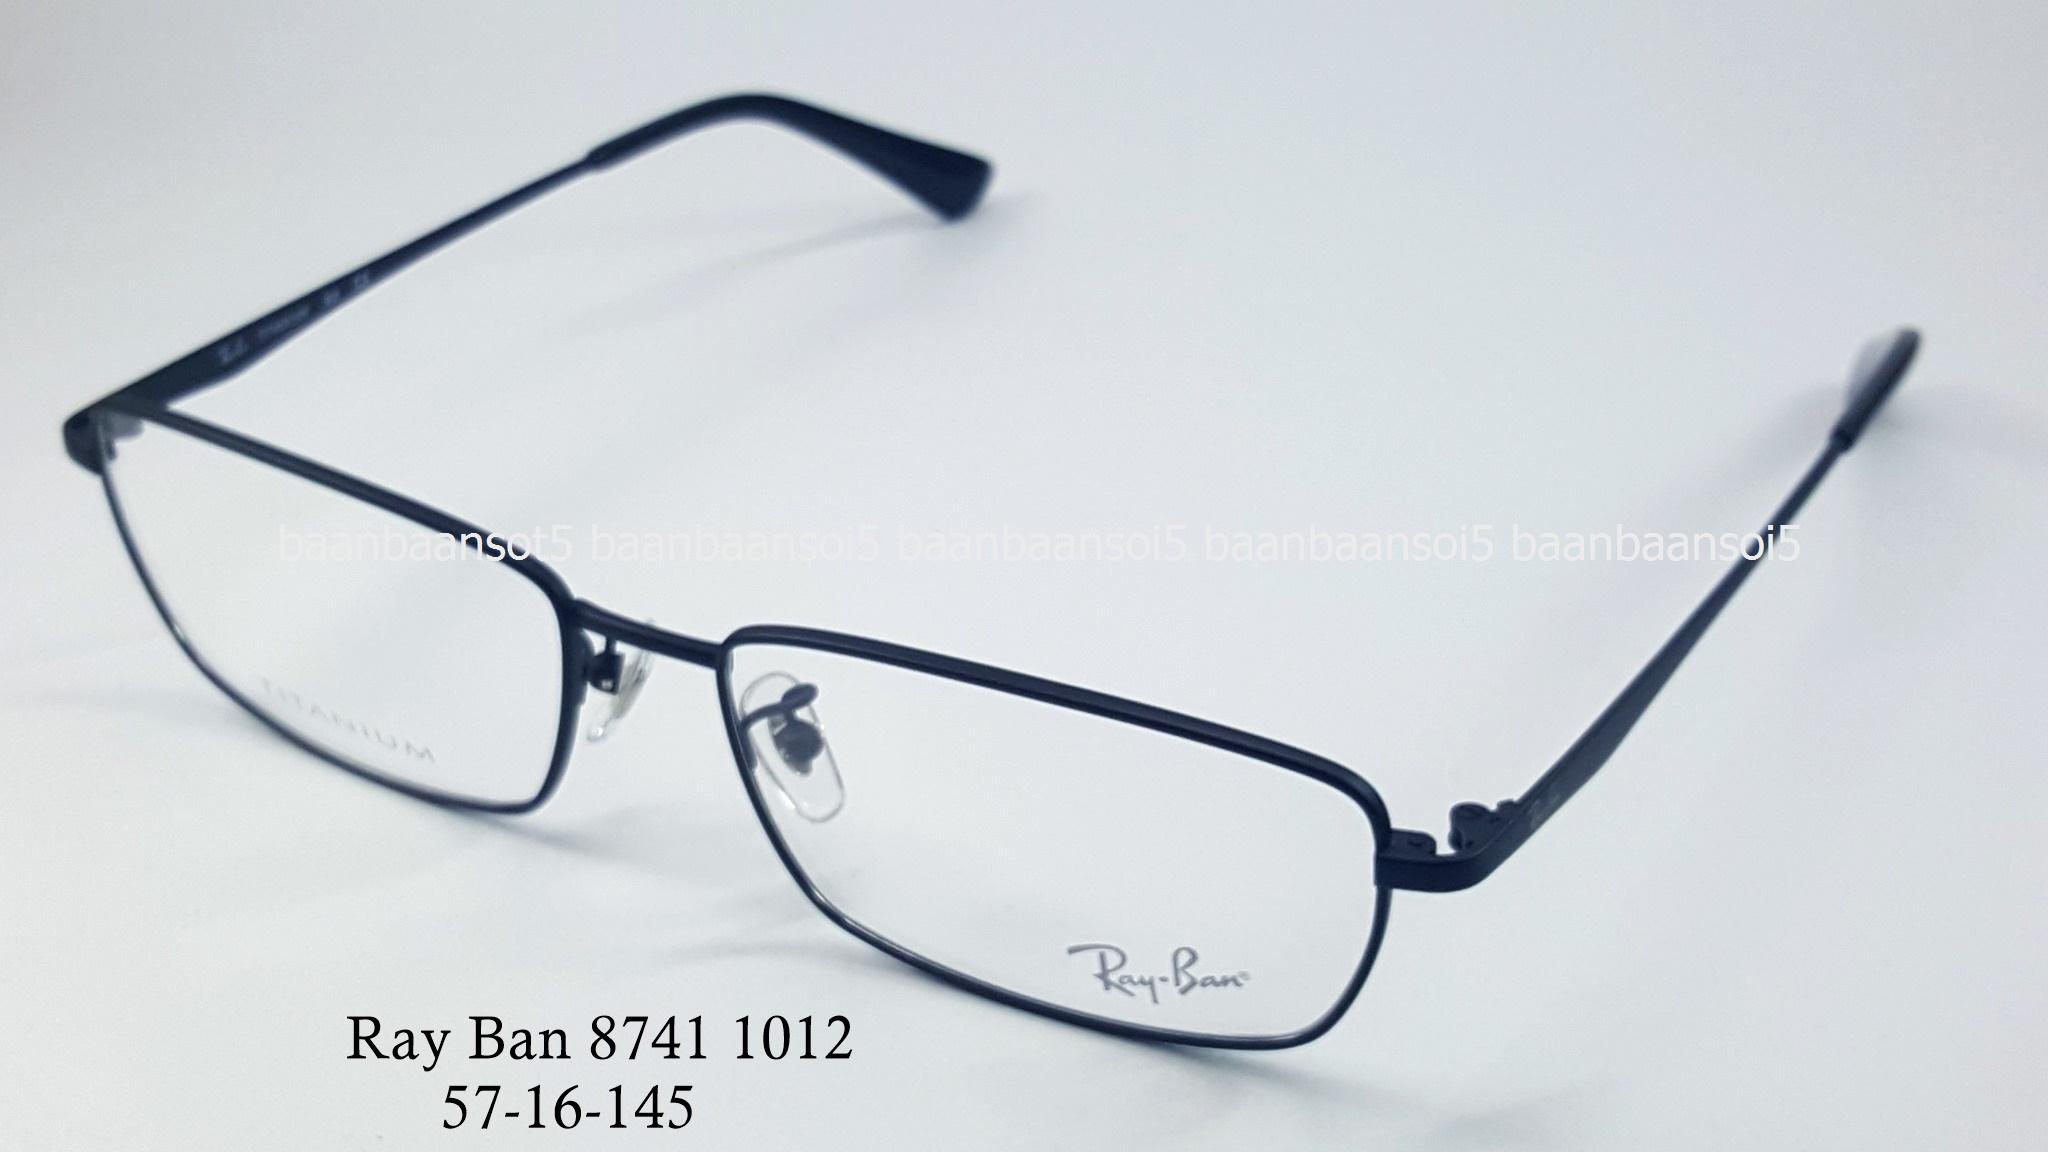 Rayban RX 8741 1012 โปรโมชั่น กรอบแว่นตาพร้อมเลนส์ HOYA ราคา 3,900 บาท